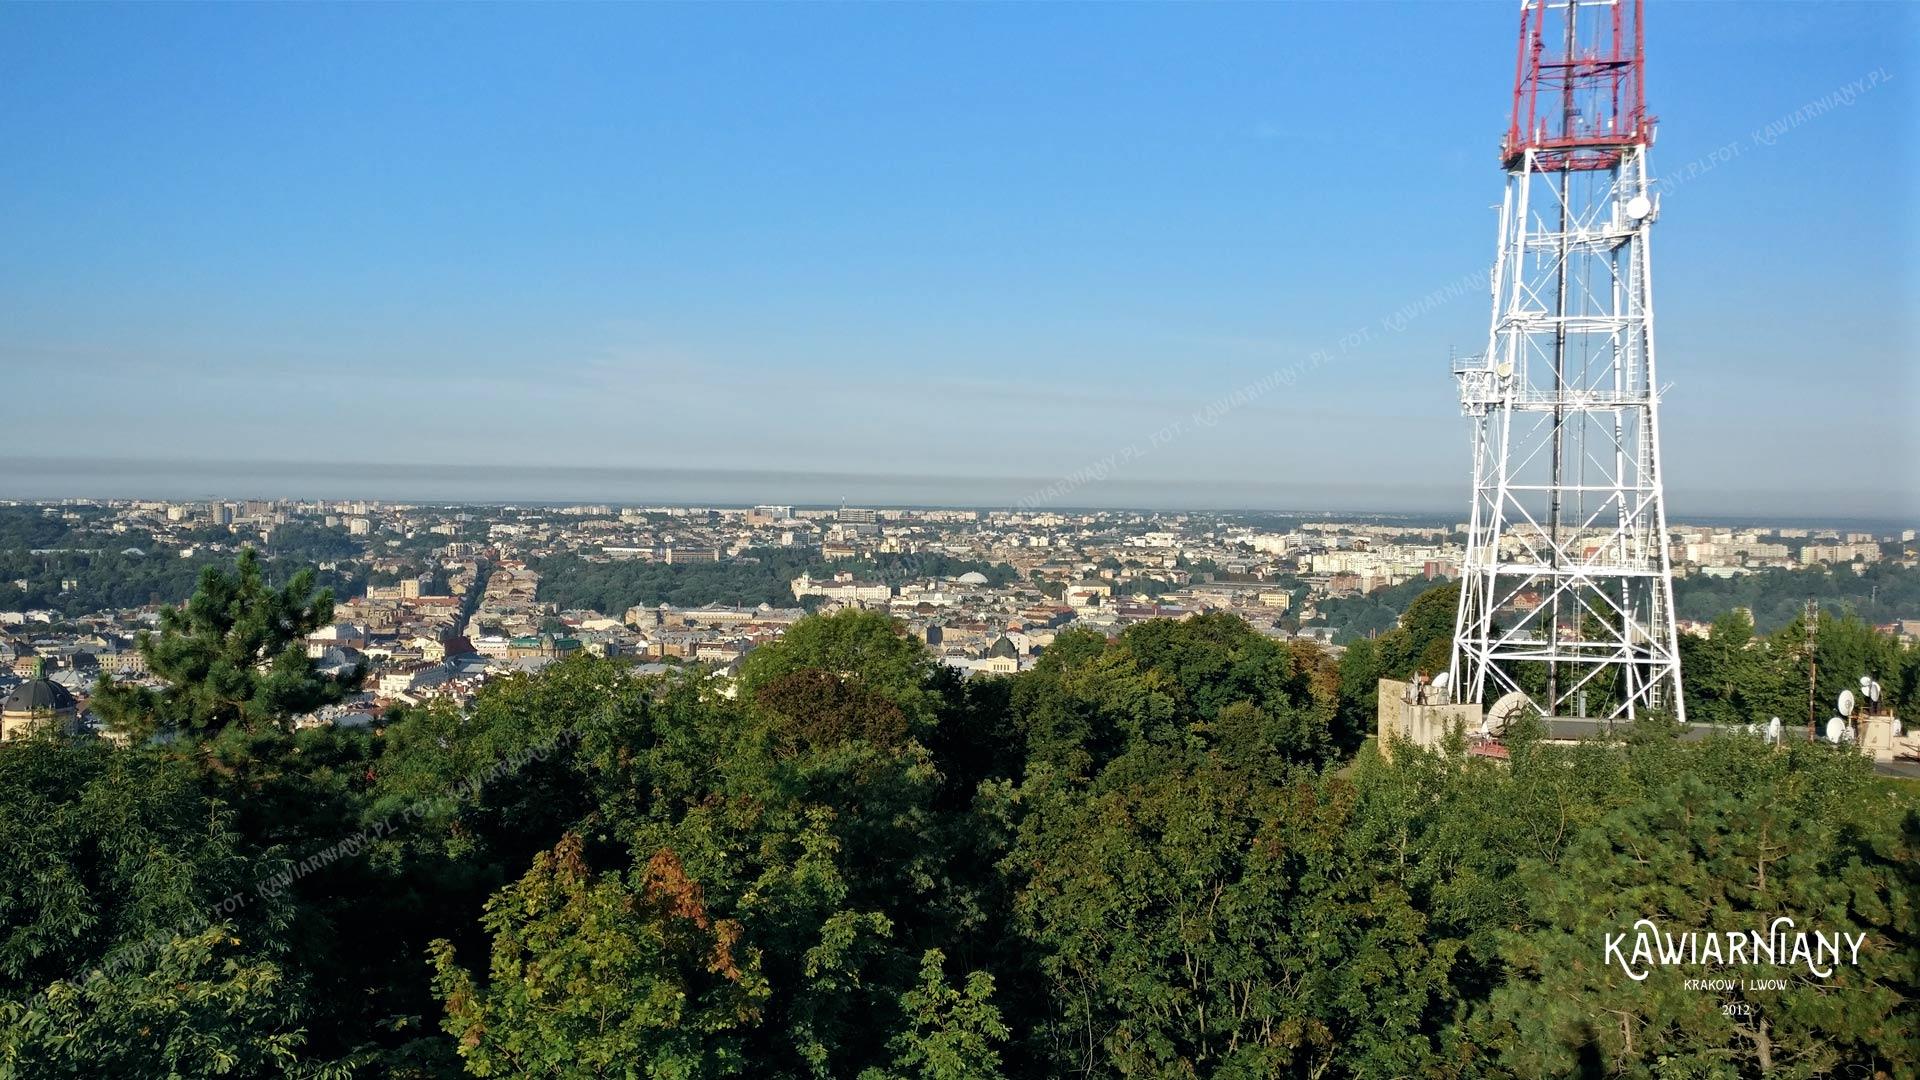 Co to za wieża we Lwowie? Wieża telewizyjna we Lwowie